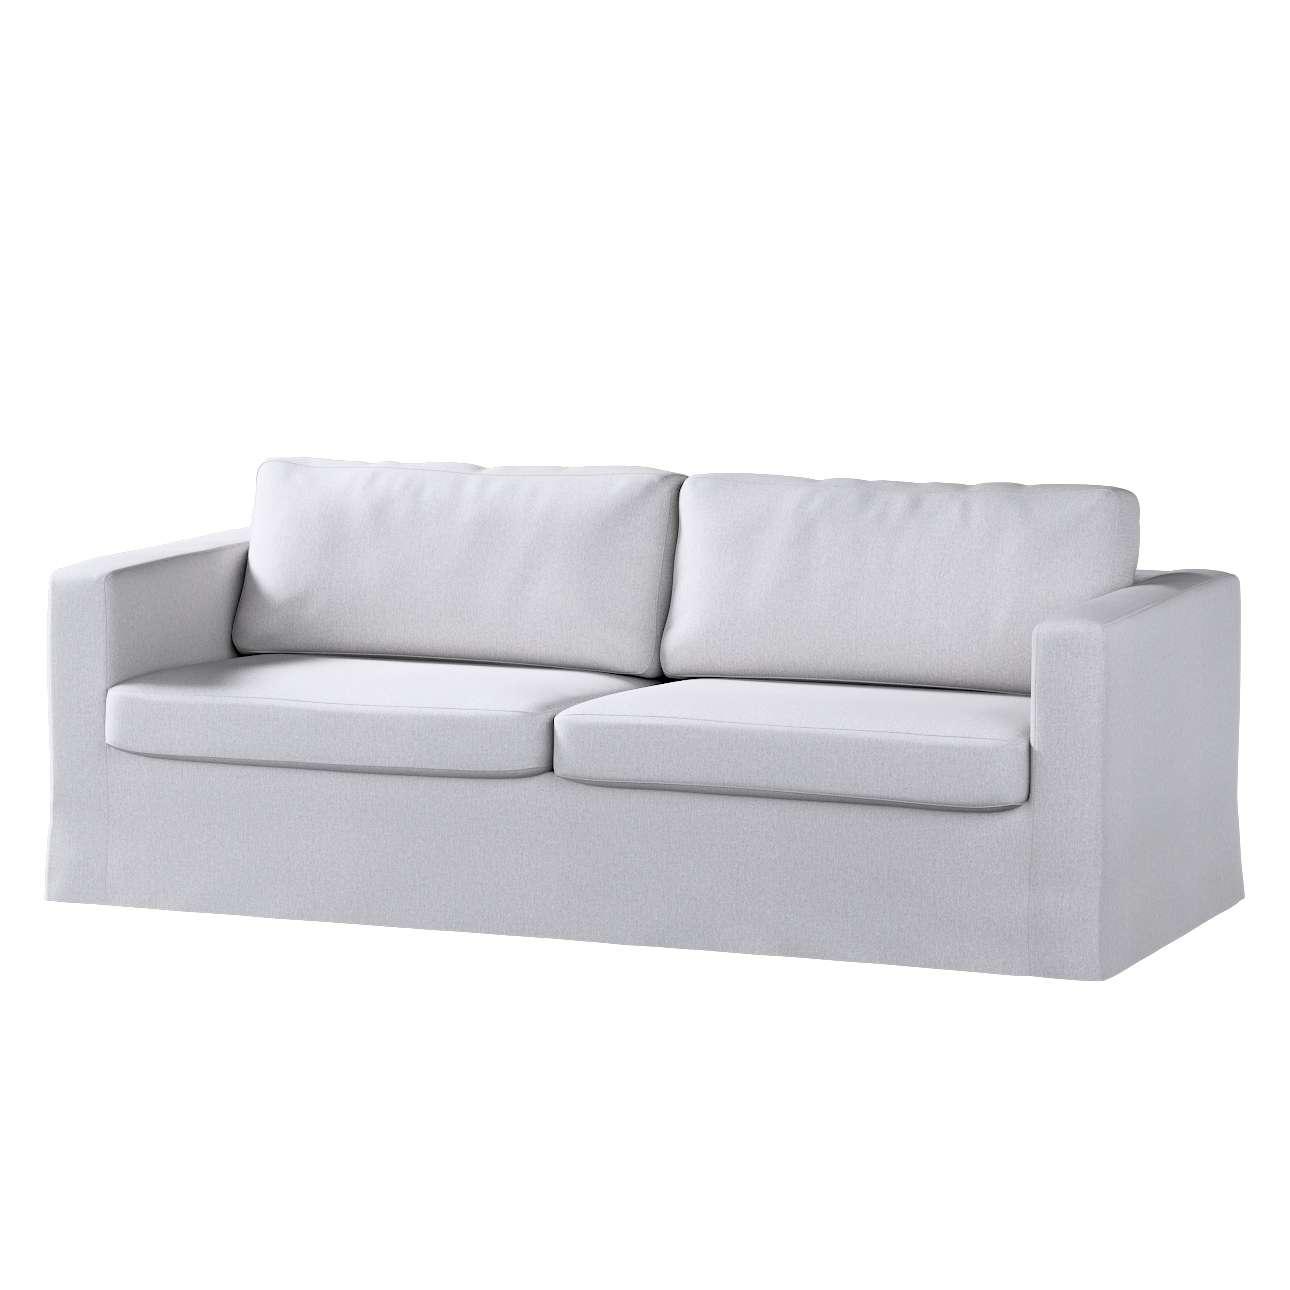 Potah na pohovku IKEA  Karlstad 3-místná, nerozkládací, dlouhý v kolekci Amsterdam, látka: 704-45